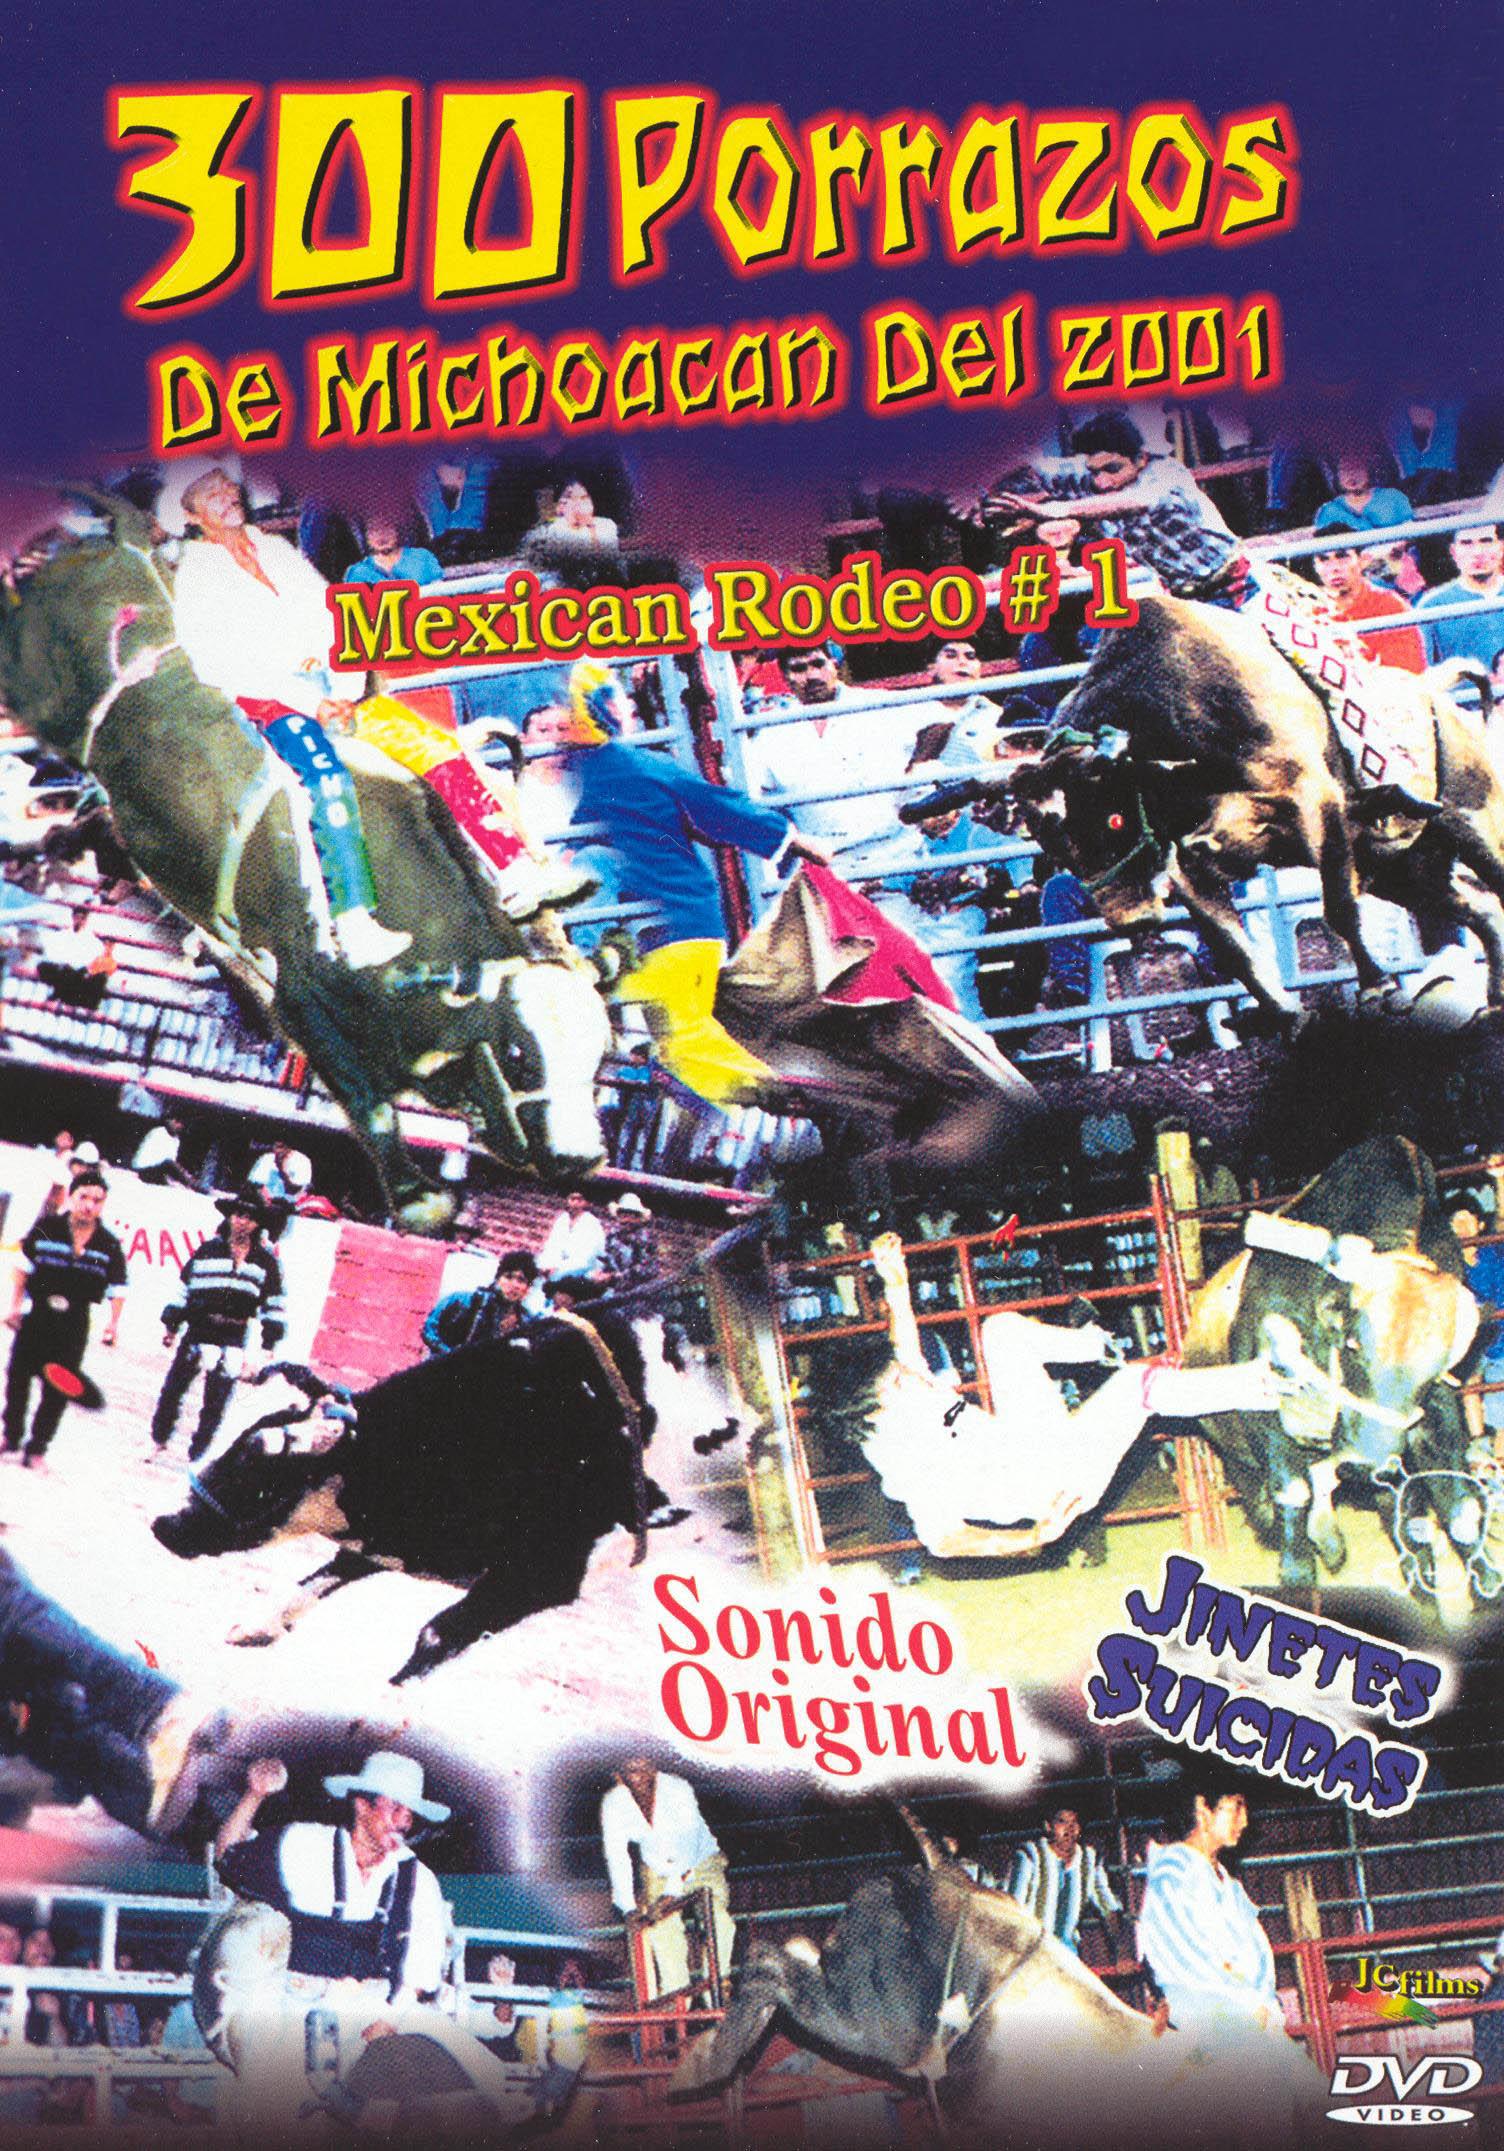 300 Porrazos de Michoacan del 2001: Mexican Rodeo #1